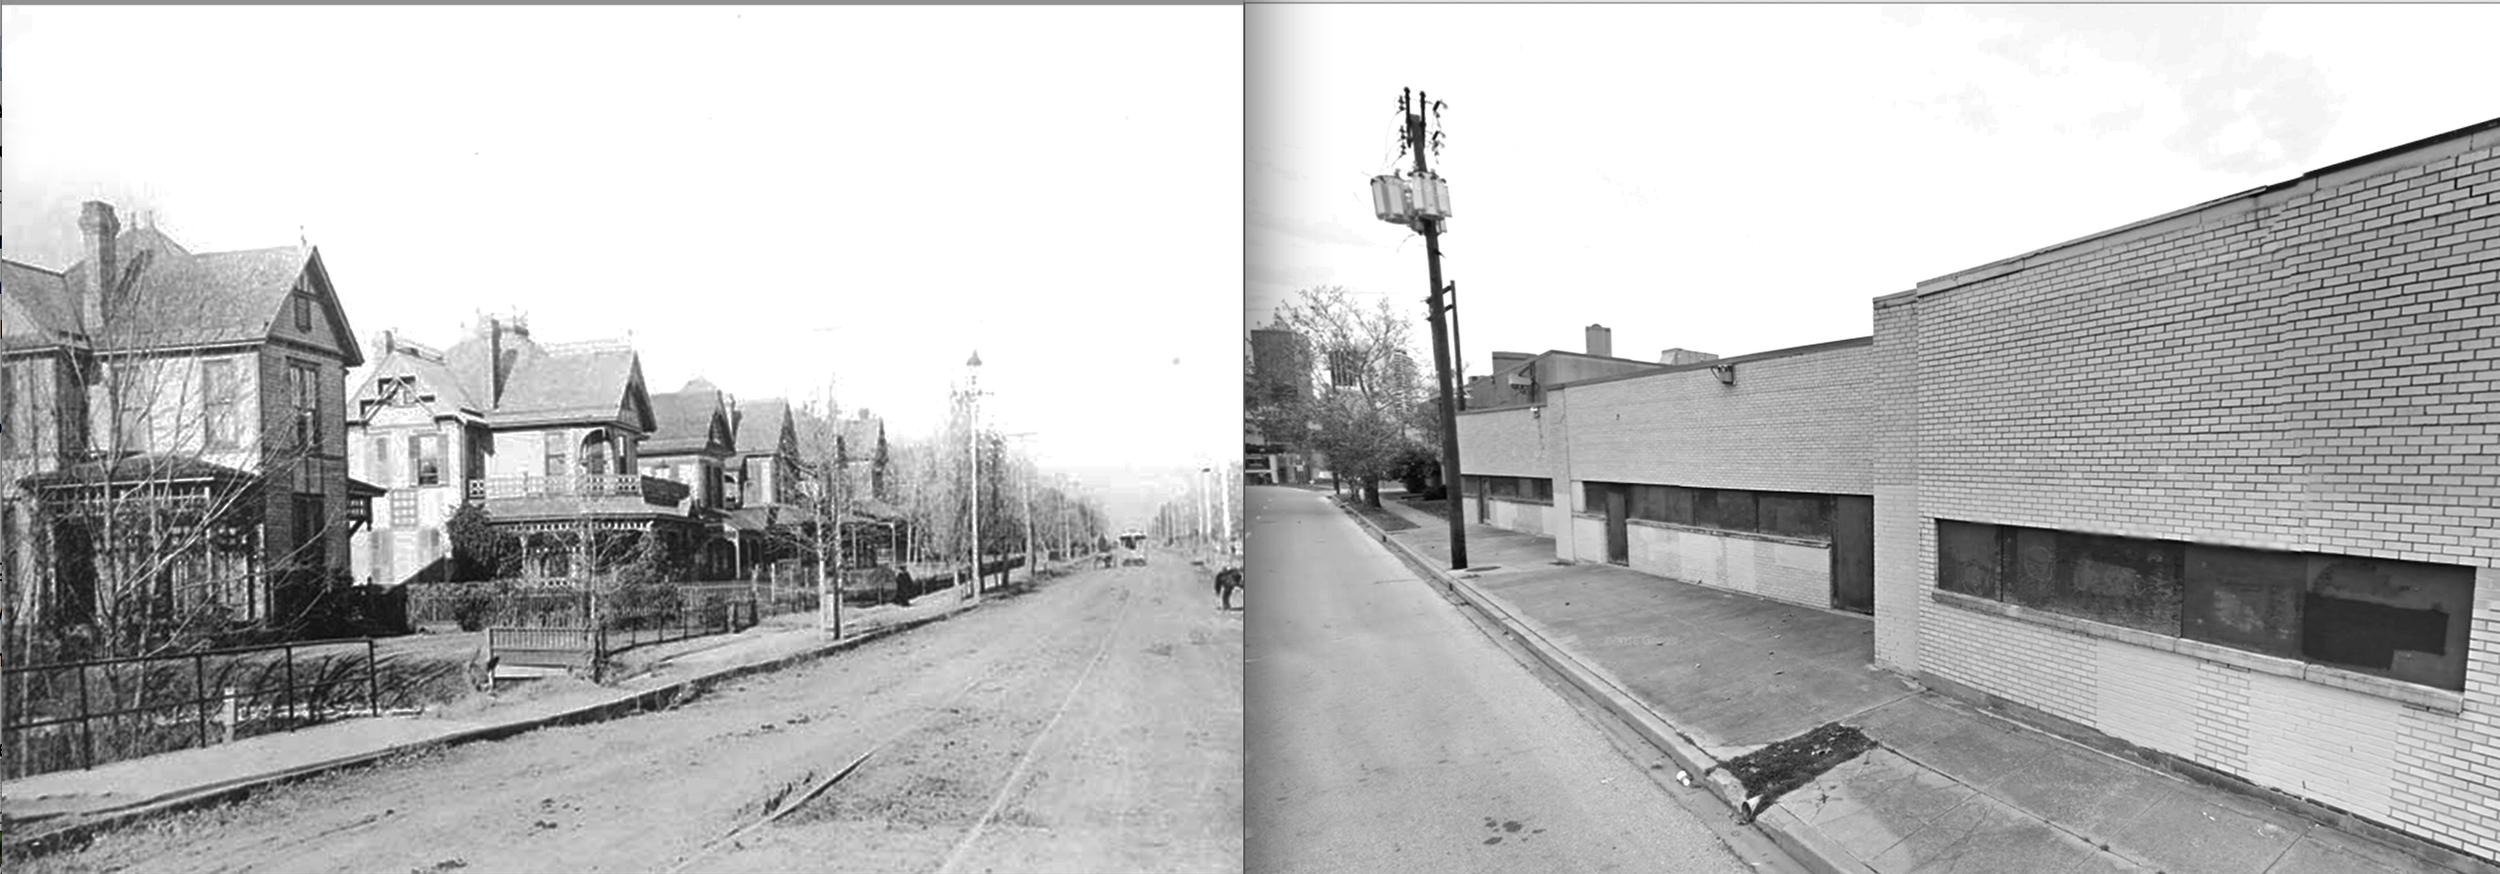 Left: Akard St. 1895Right: Akard St. 2016